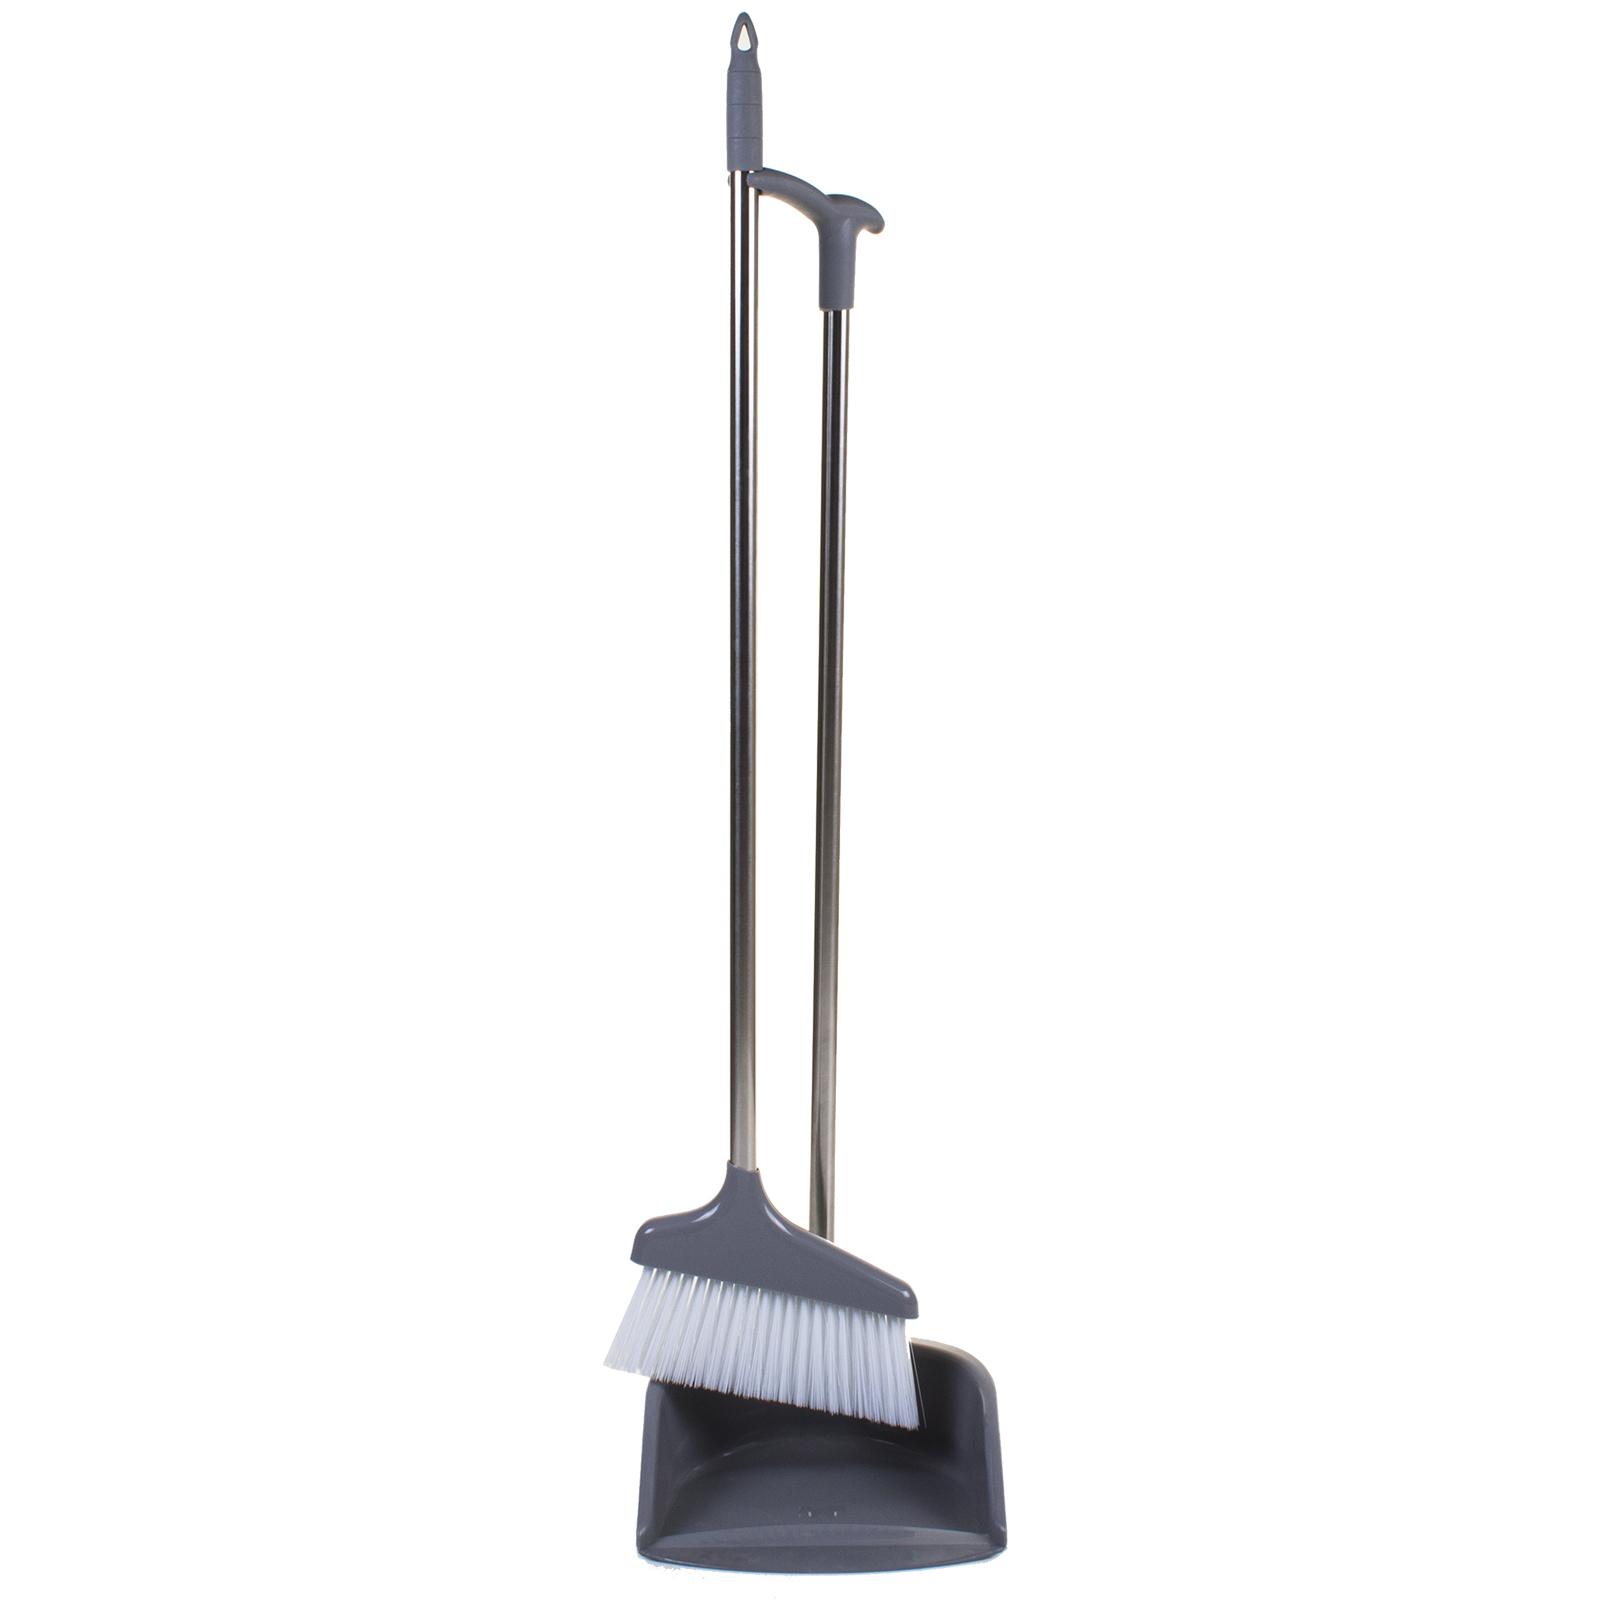 DUSTPAN AND BRUSH SET BLUE LONG HANDLED FLOOR CLEANER SWEEPING BROOM DUST PAN